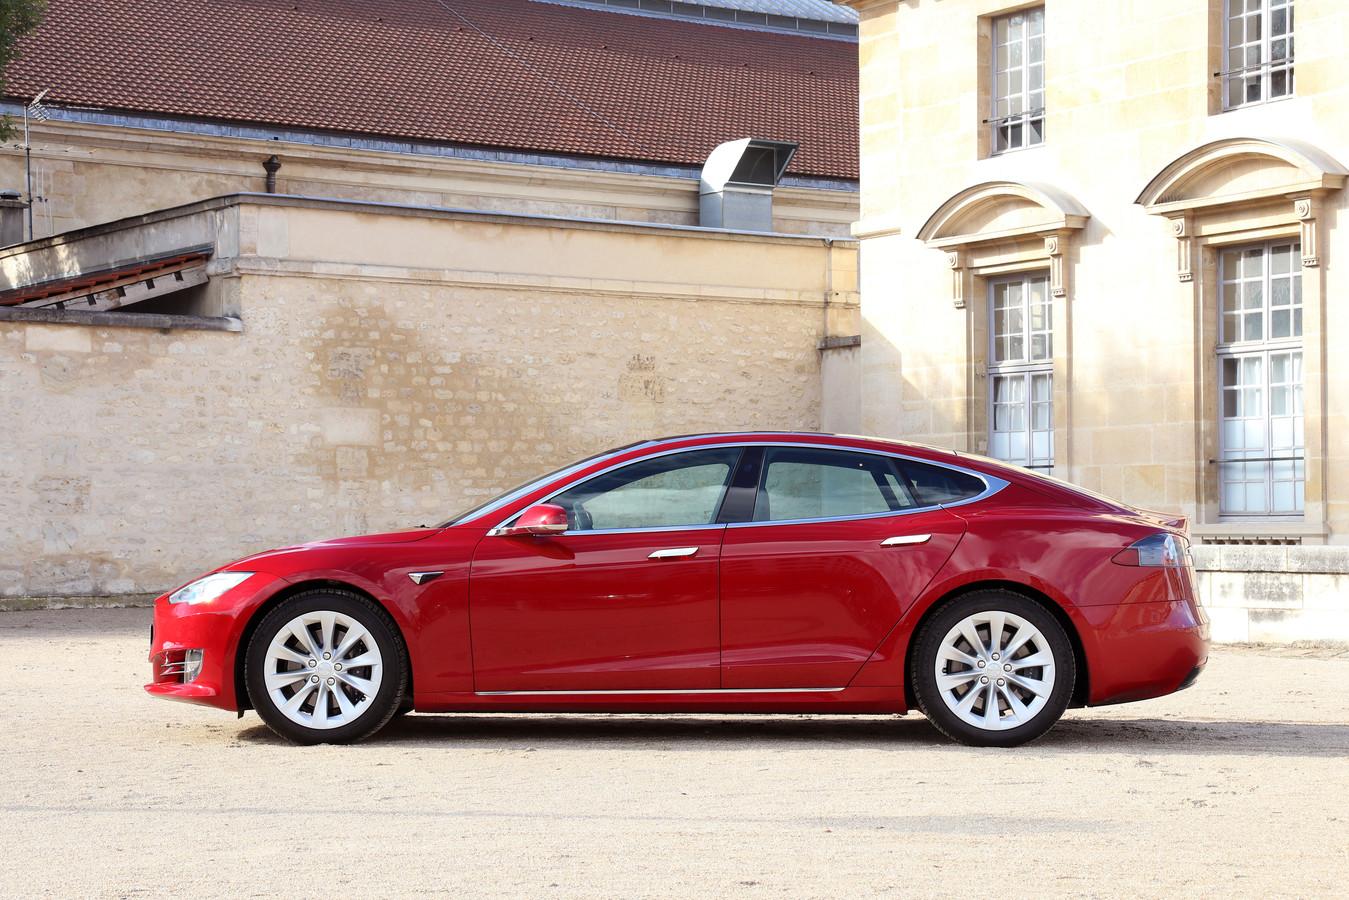 De Tesla Model S: uiteindelijk toch een klasse hoger dan de Model 3.